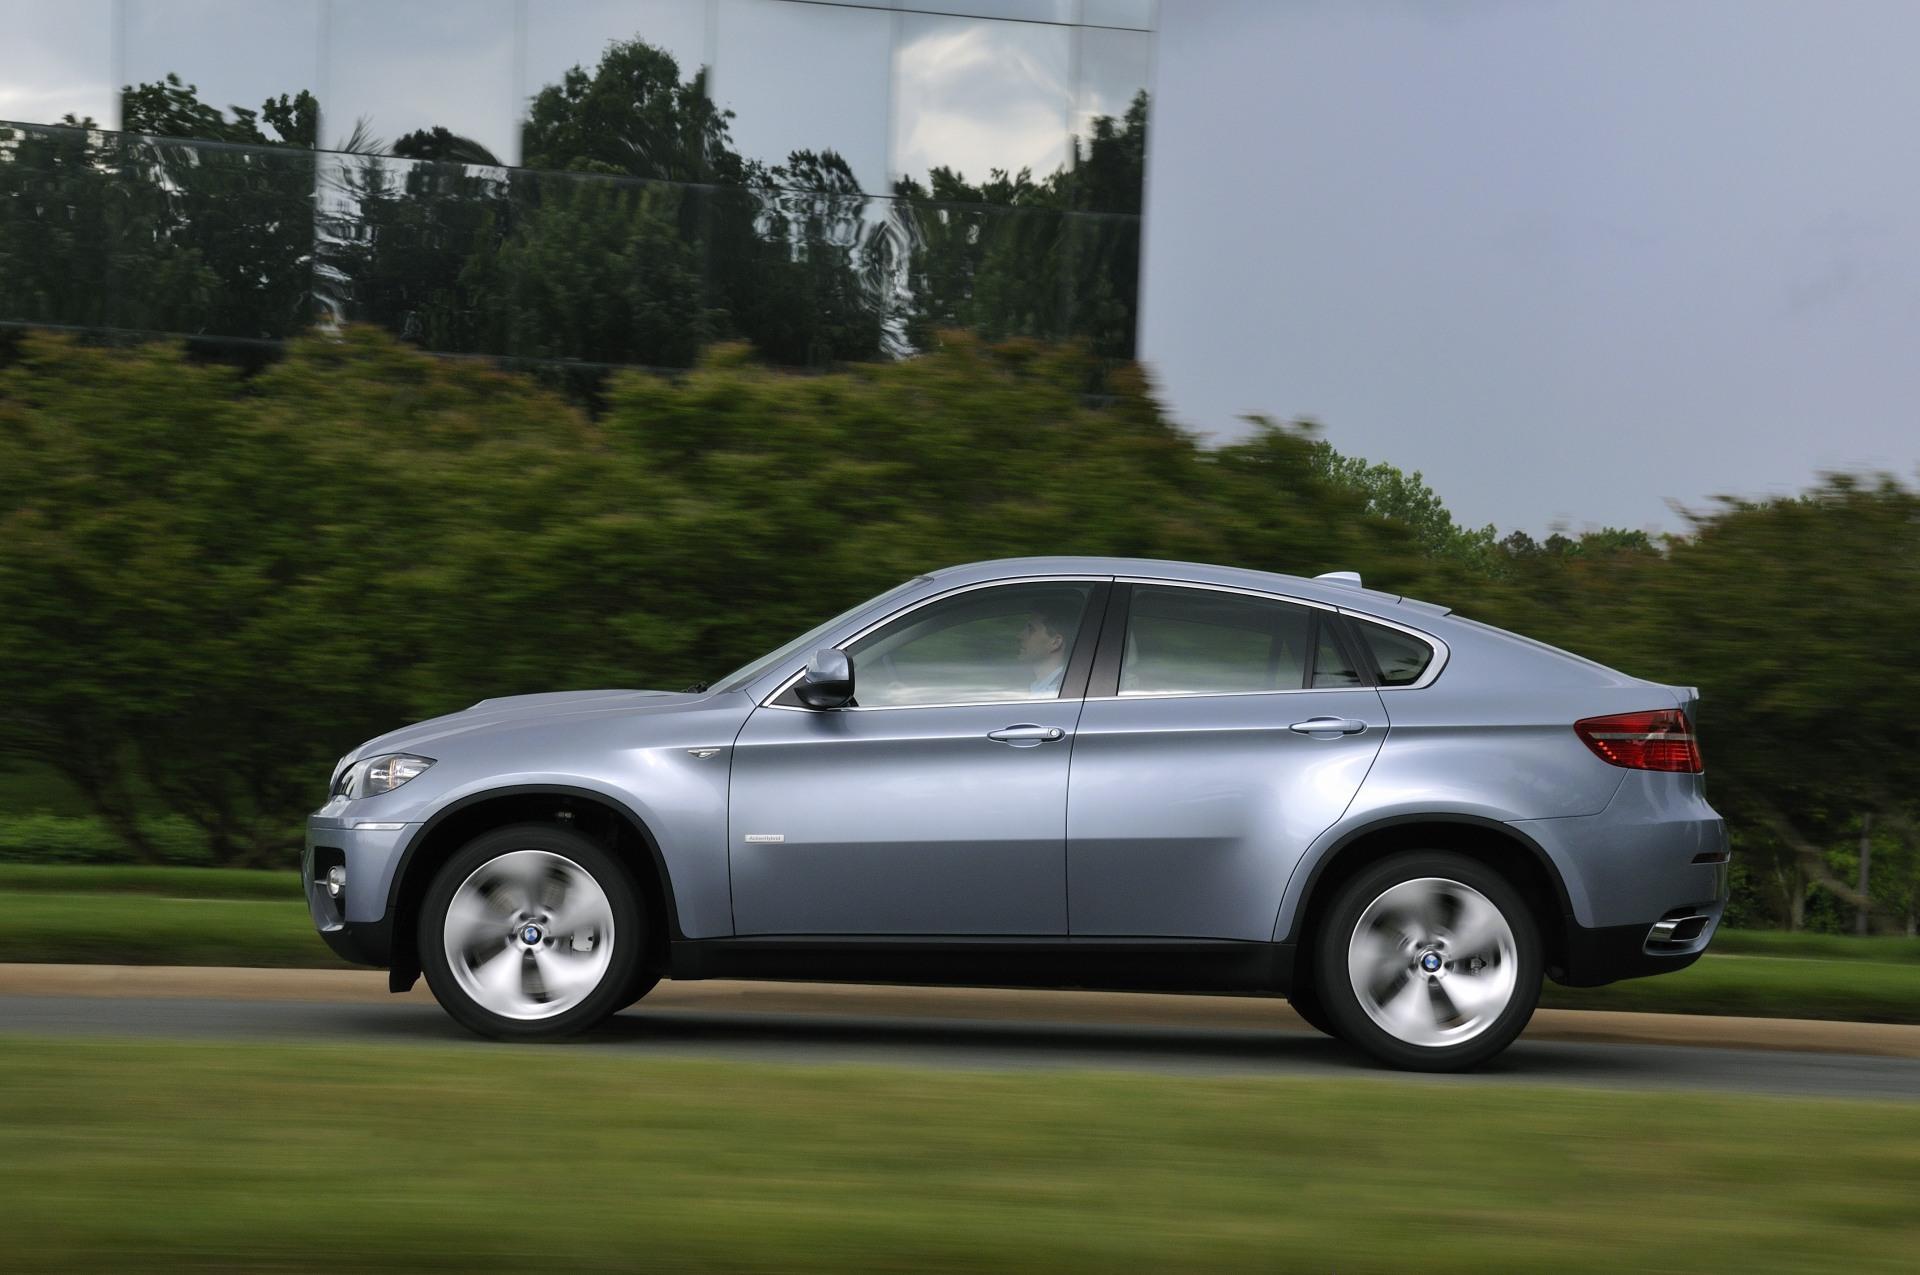 2011 Bmw X6 Conceptcarz Com